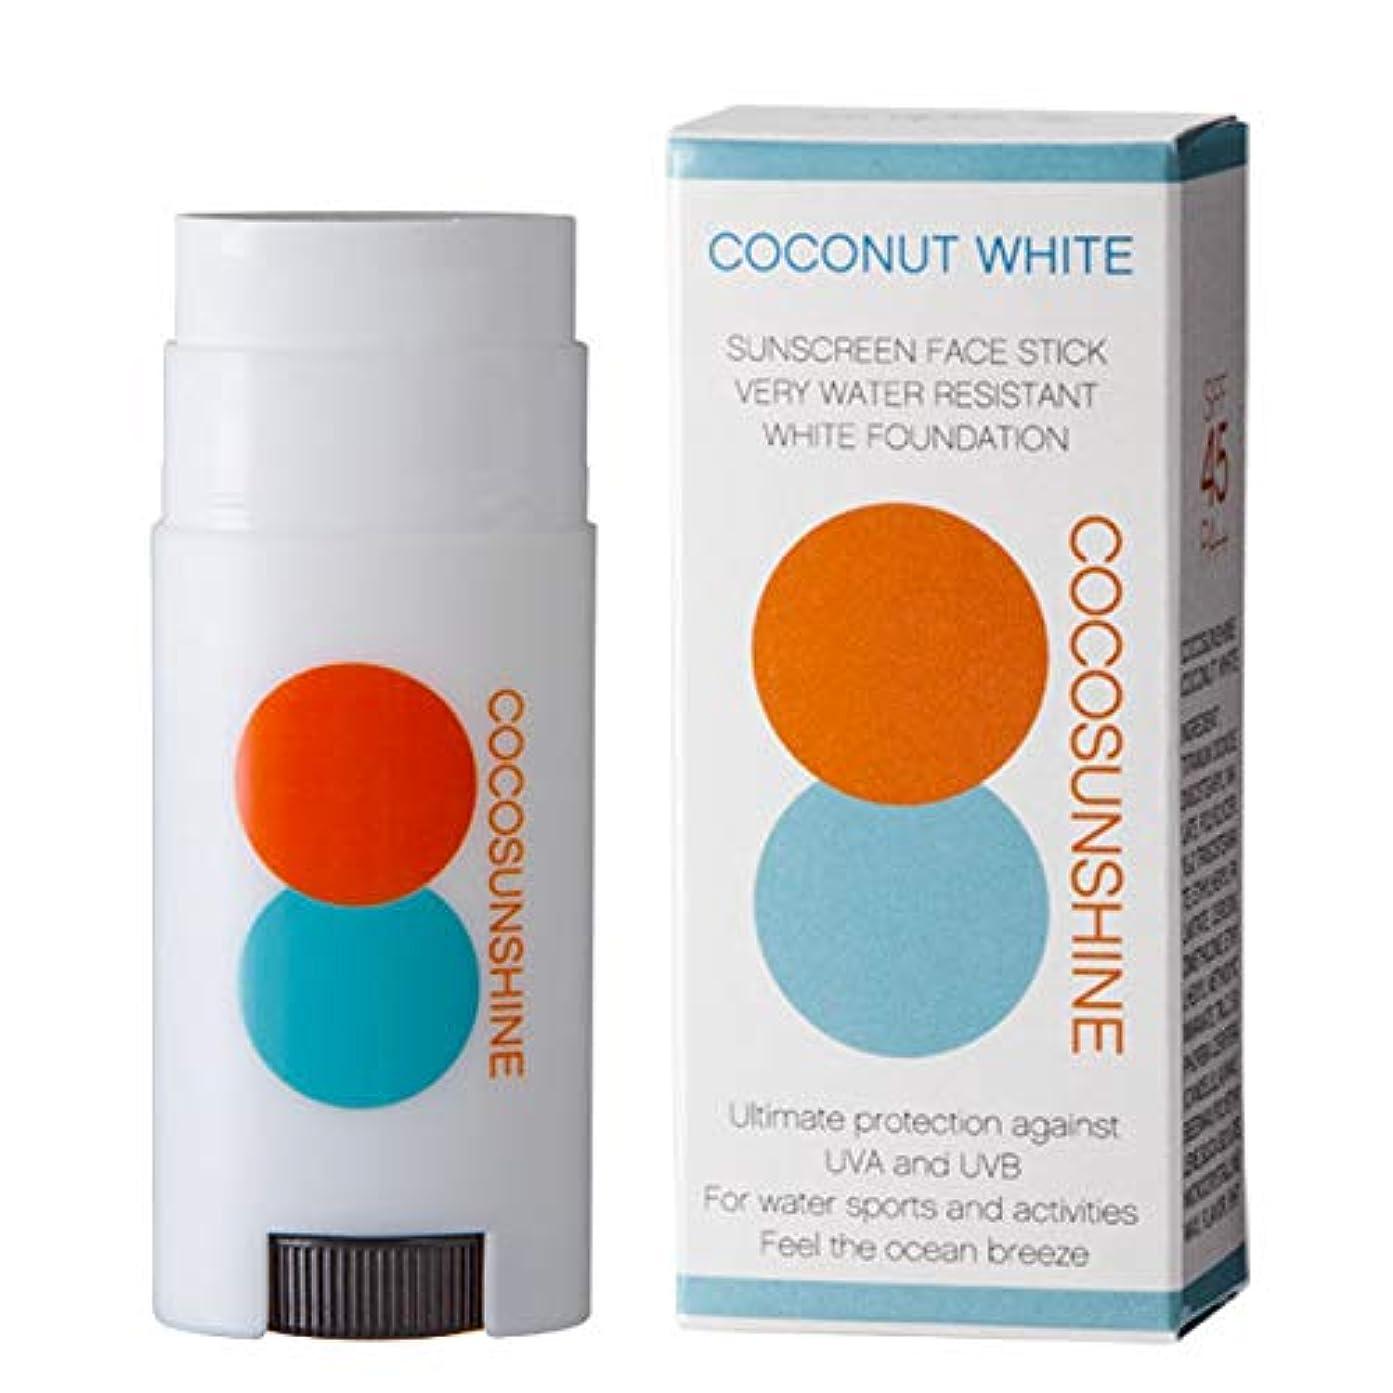 消毒する対象かるココサンシャイン45 (2個セット) SPF45++ 日焼け止めファンデーション 20g (ココナッツホワイト)